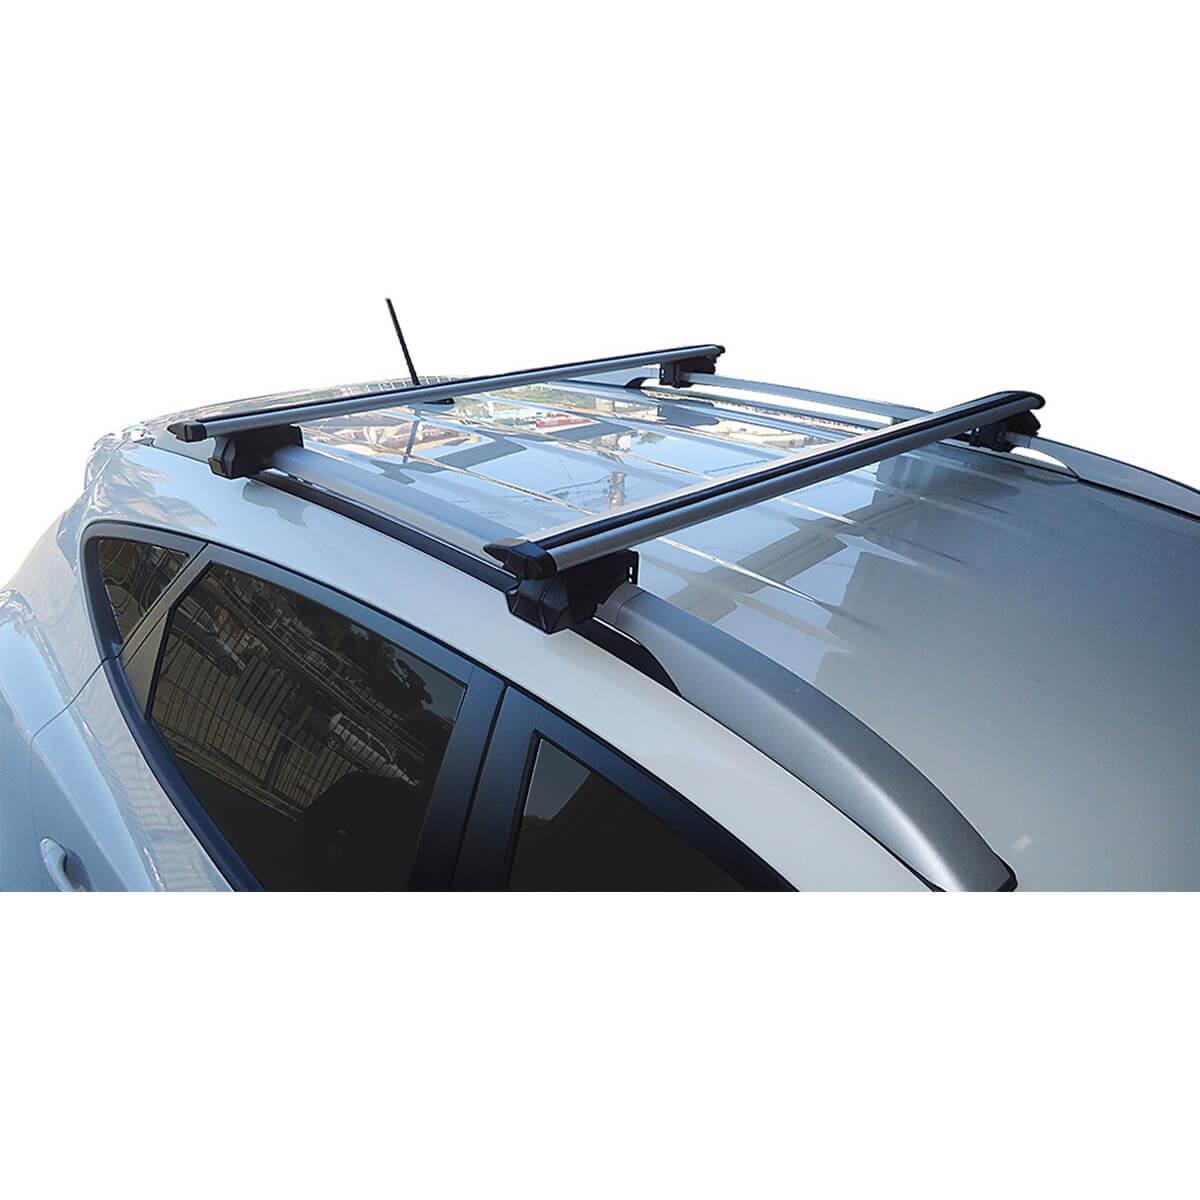 Travessa rack de teto Procargo Lifan X60 2013 a 2016 com trava de segurança